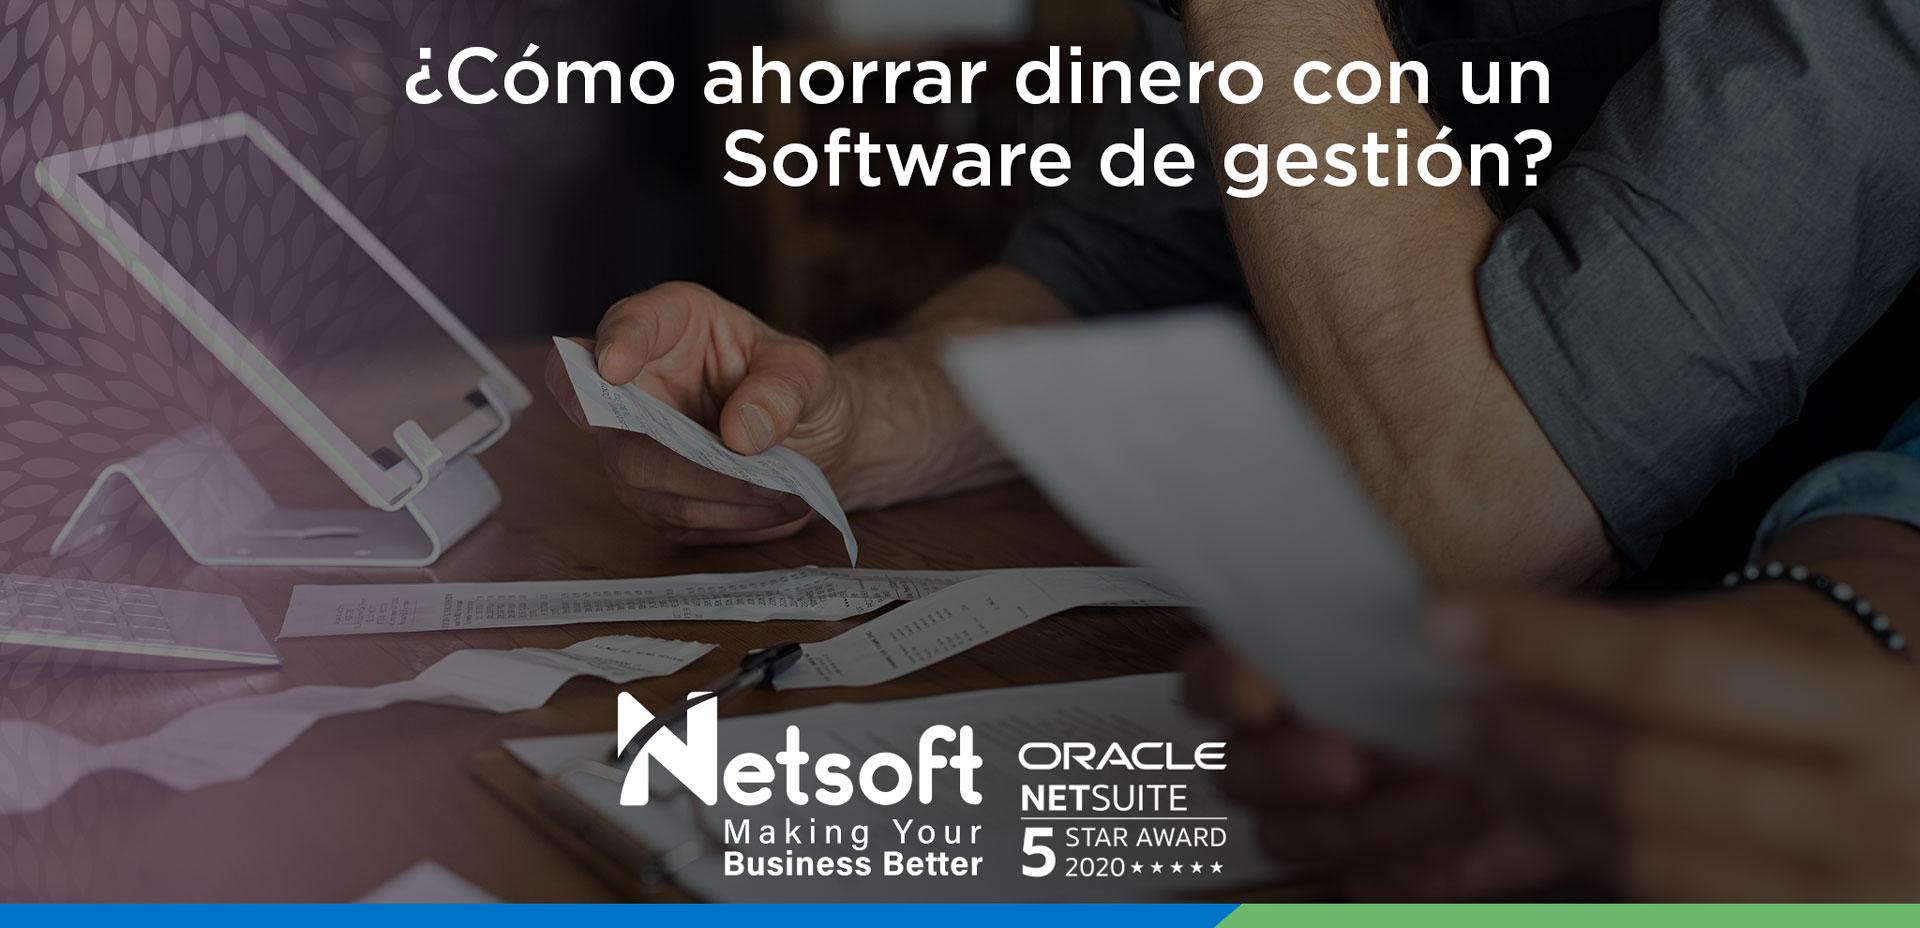 ¿Cómo ahorrar dinero con un Software de gestión?